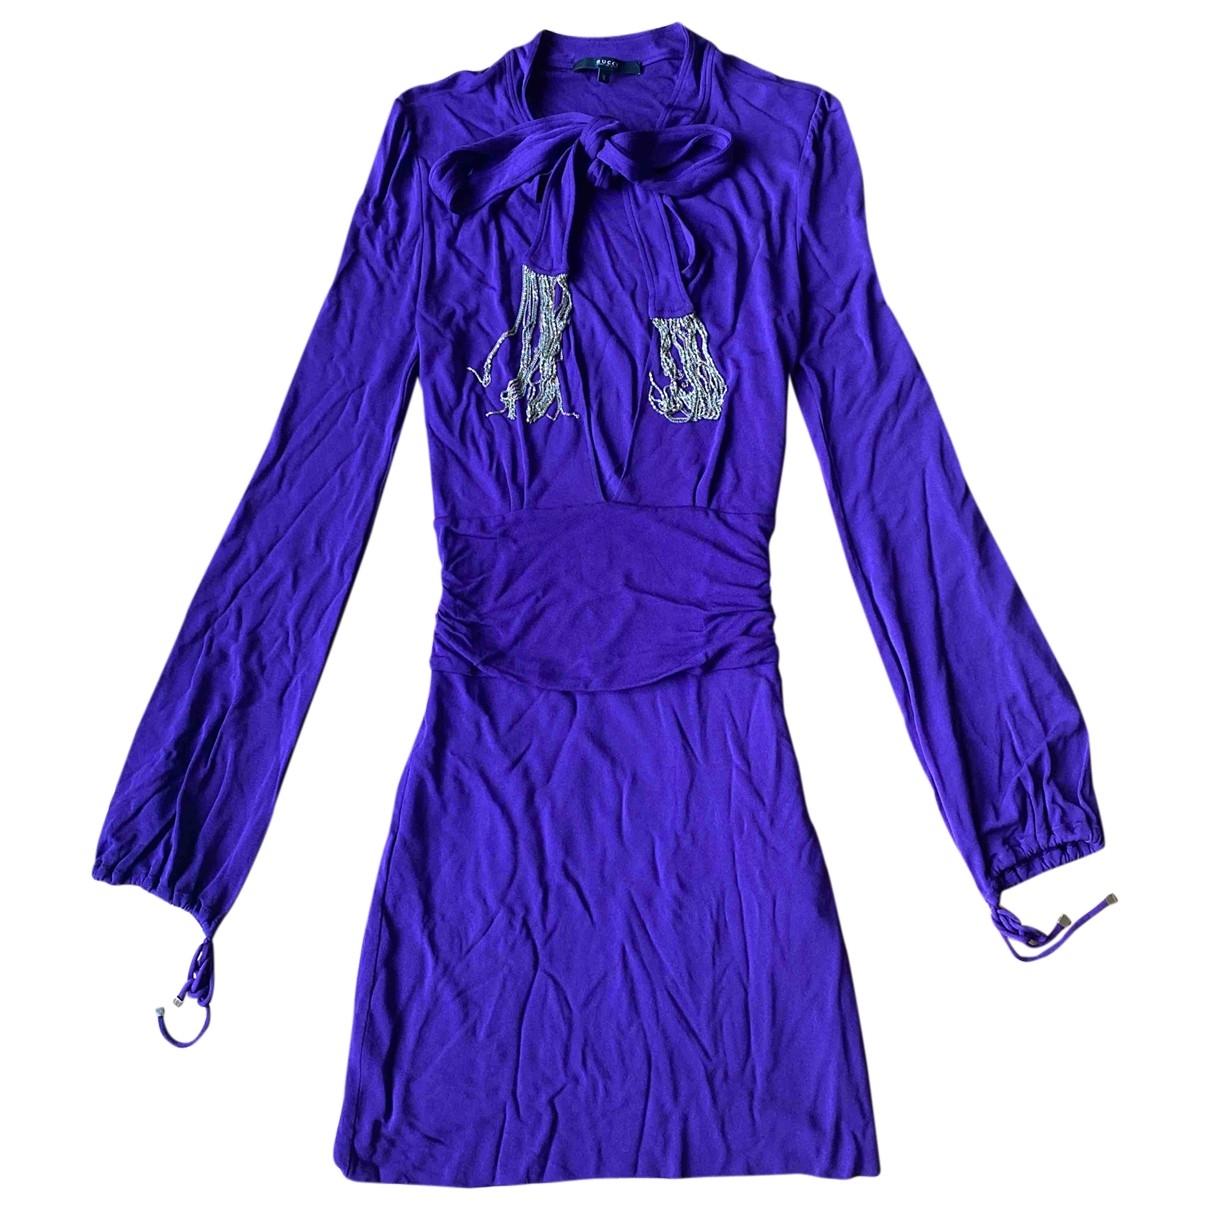 Gucci \N Kleid in  Lila Viskose